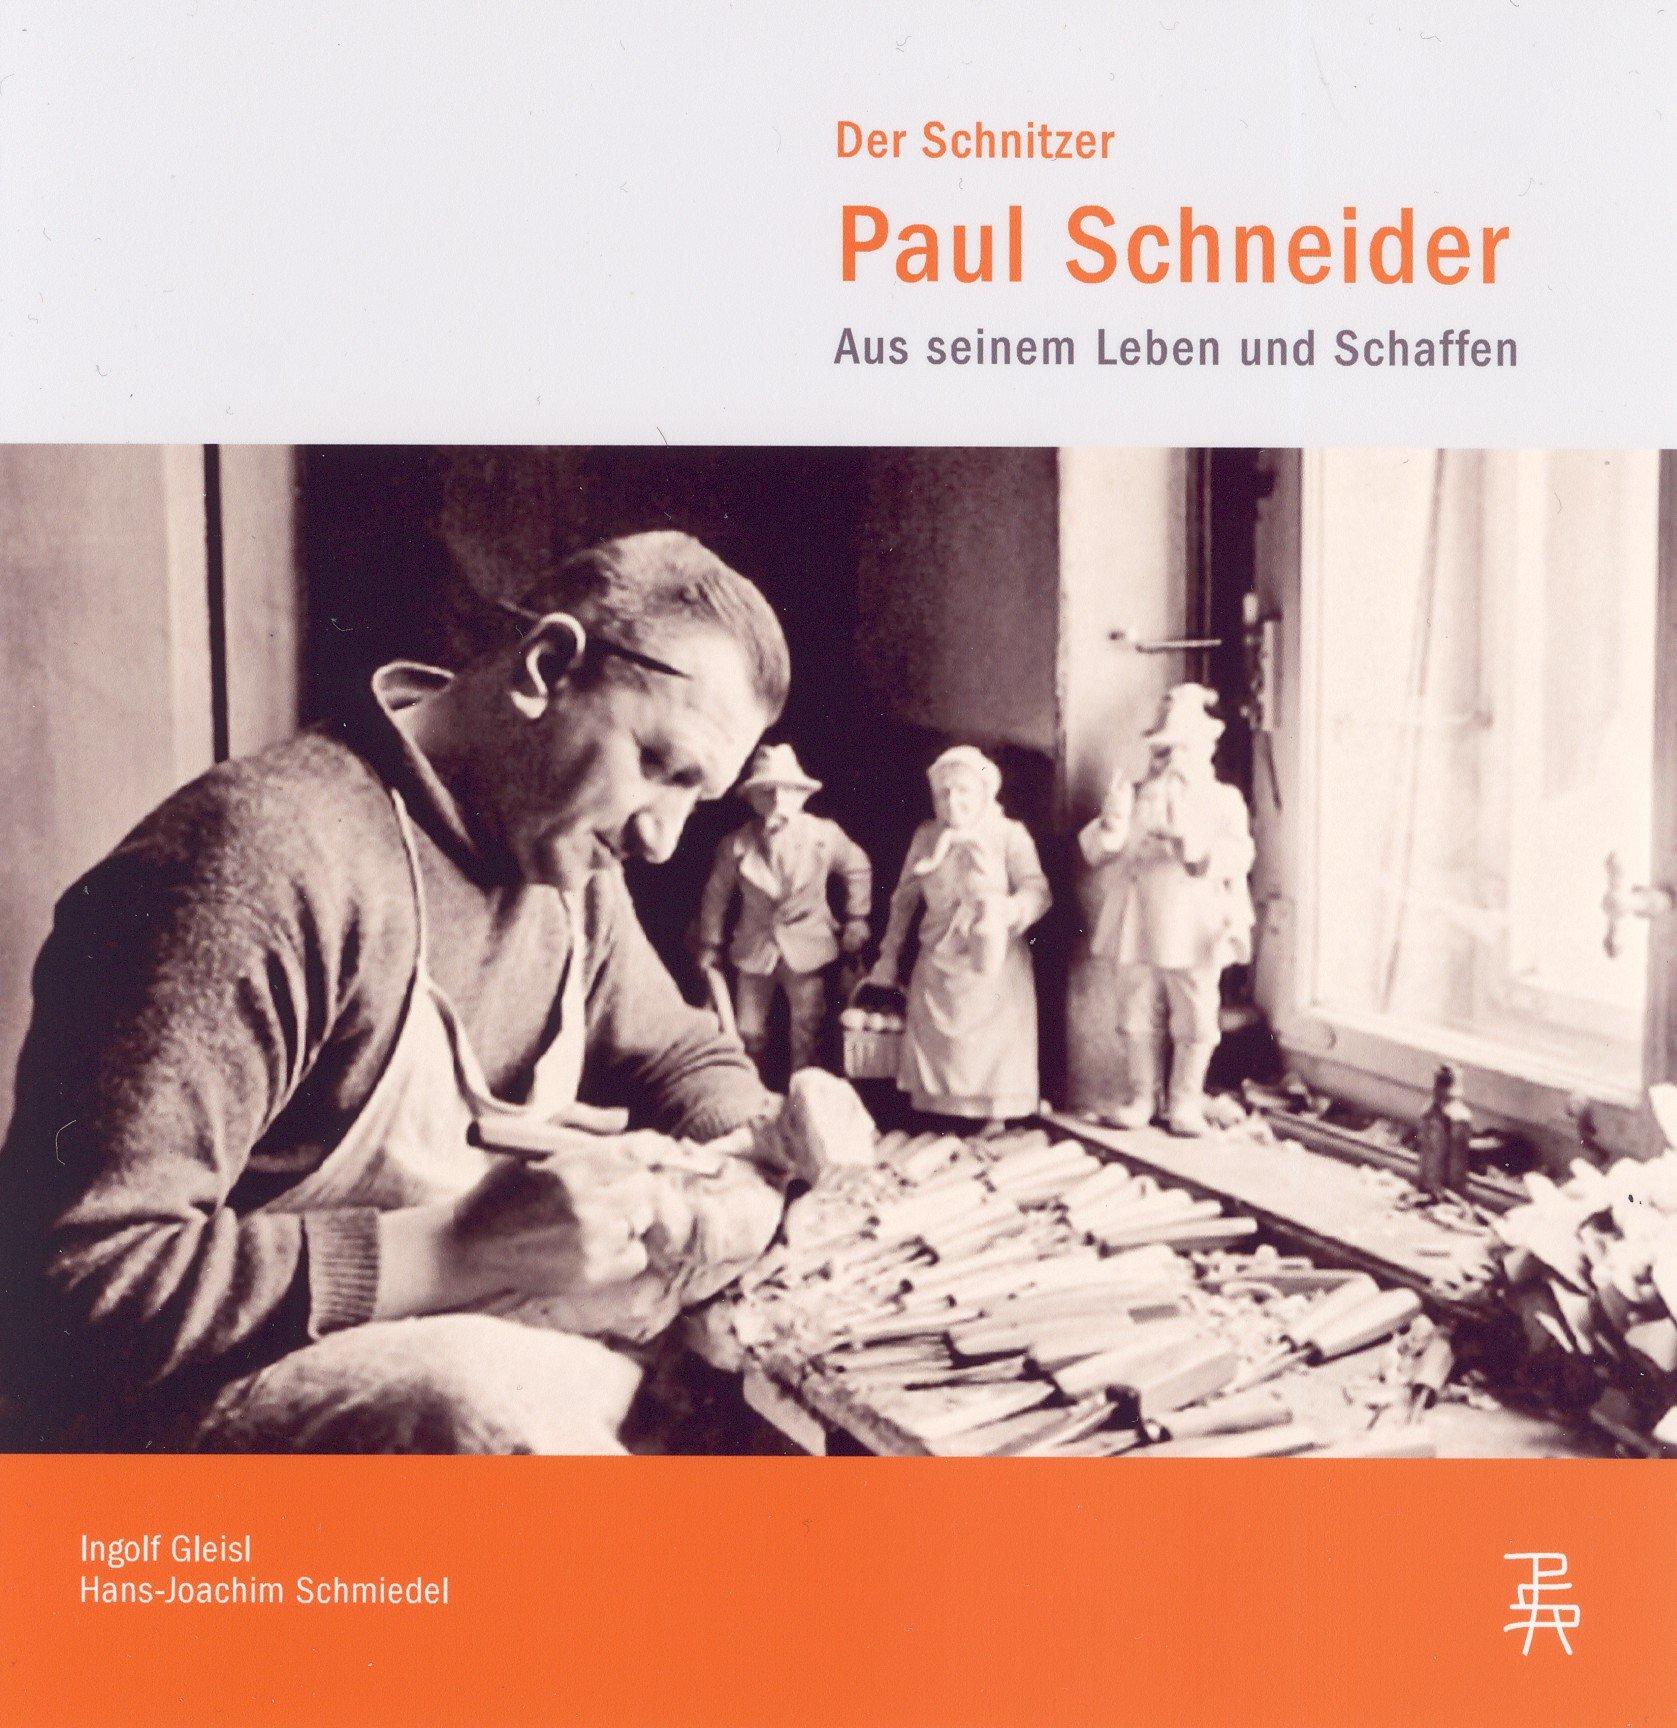 Der Schnitzer Paul Schneider